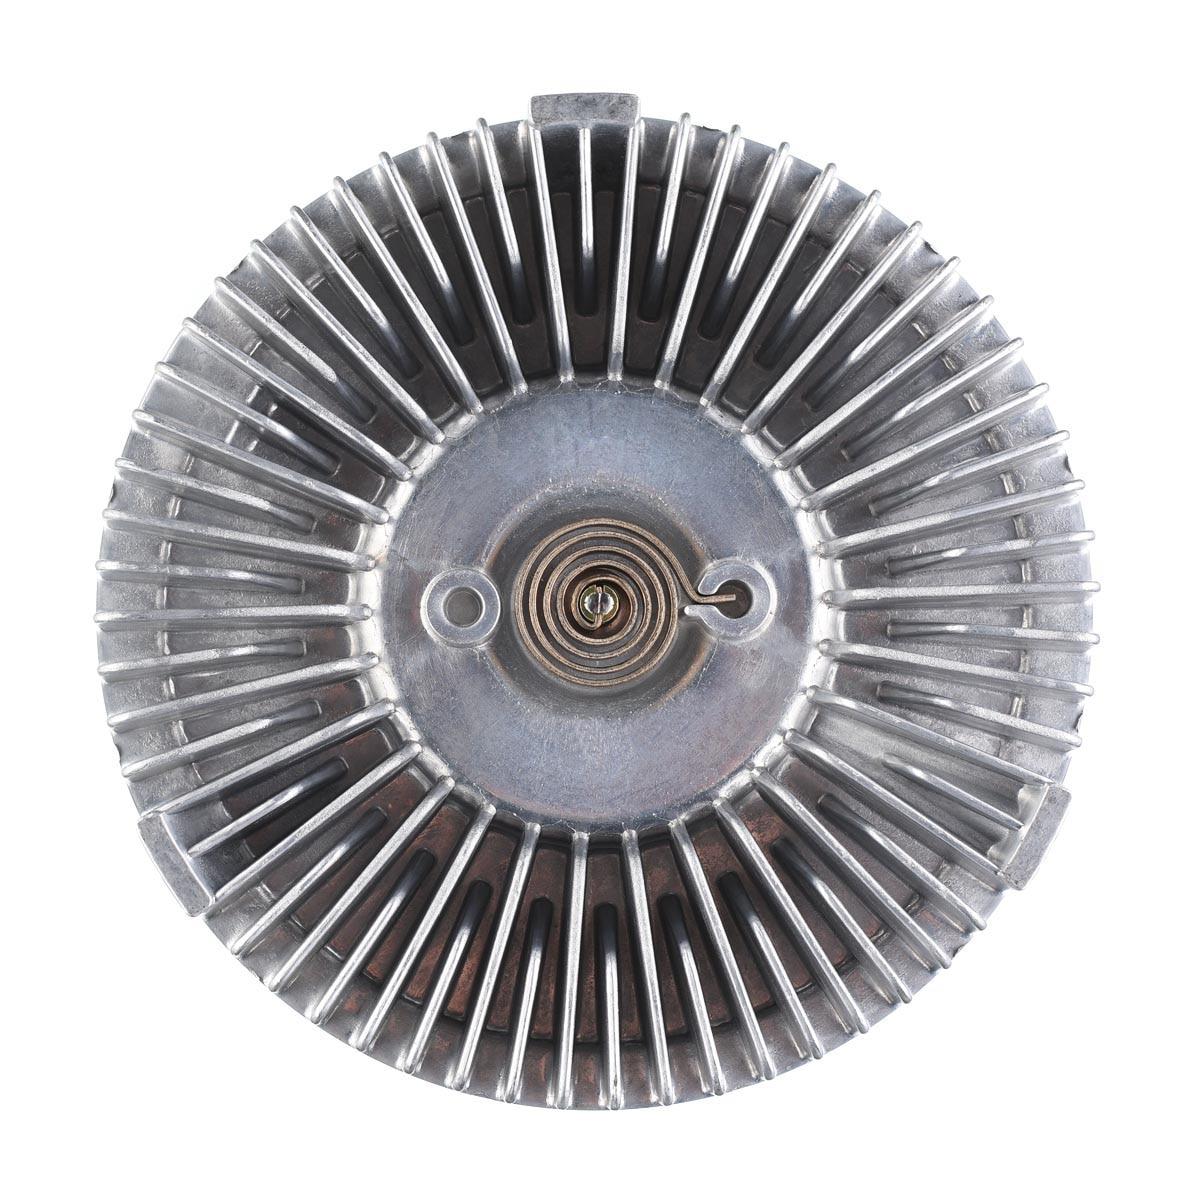 New Fan Clutch Radiator Cooling Chevy Yukon Suburban Avalanche Silverado 1500 XL